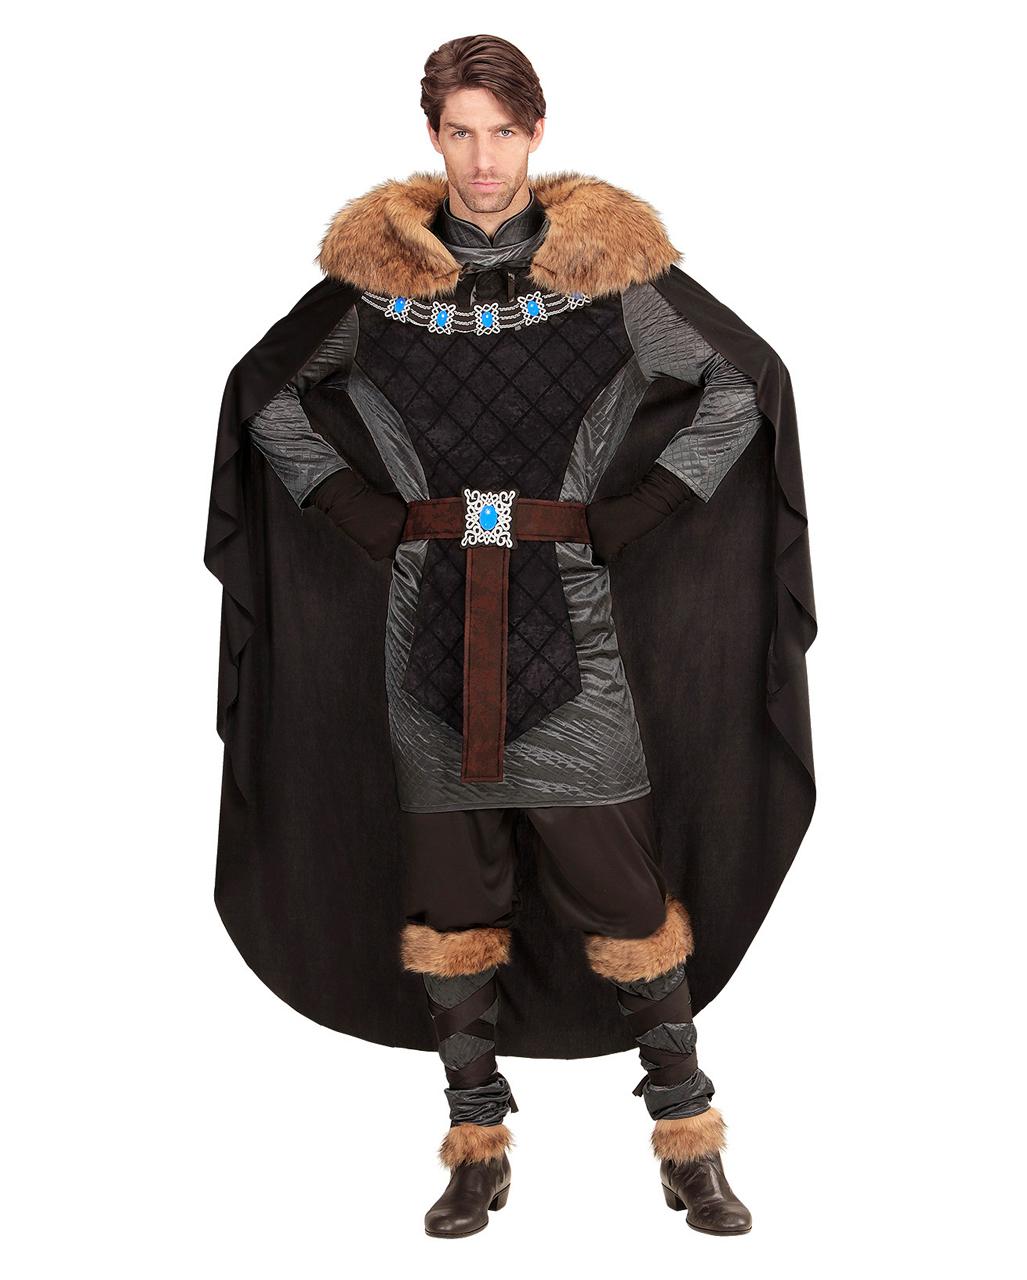 medieval prince costume for halloween karneval universe. Black Bedroom Furniture Sets. Home Design Ideas